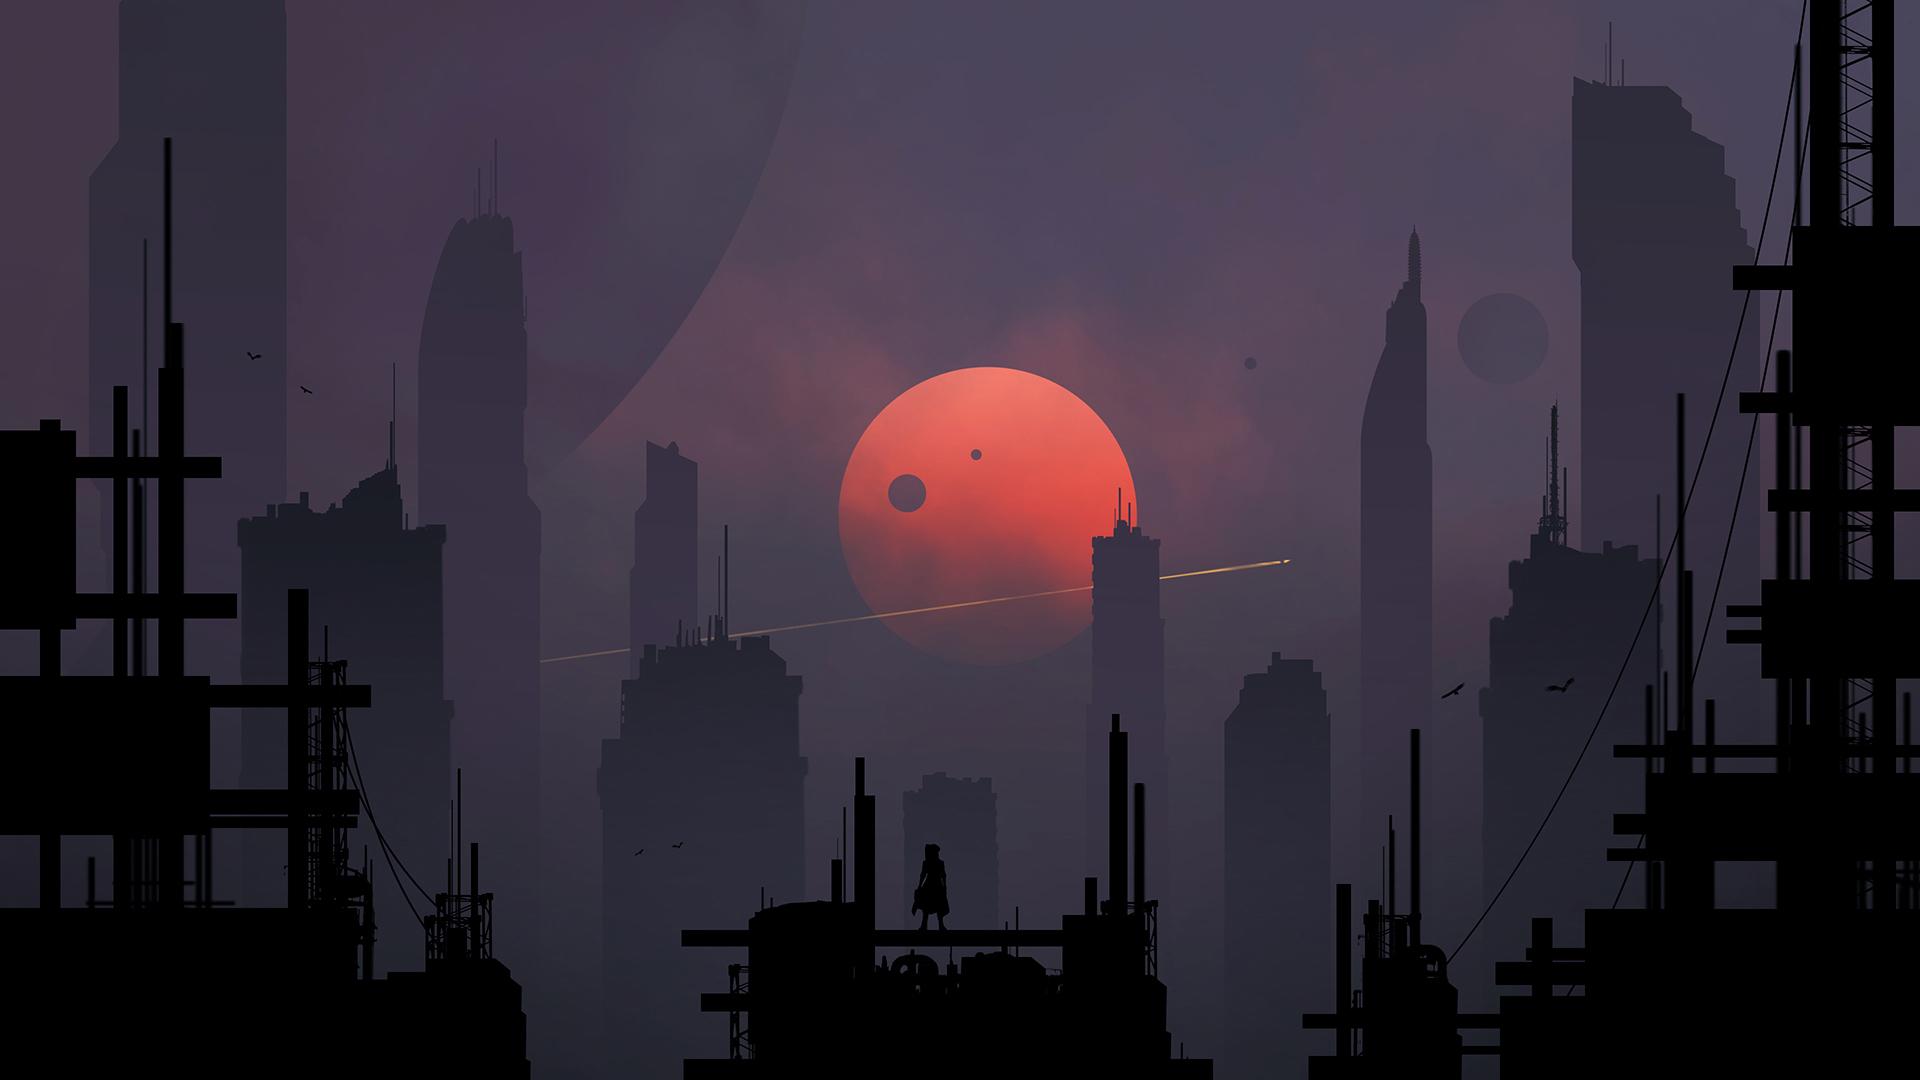 Sci Fi City 1920x1080